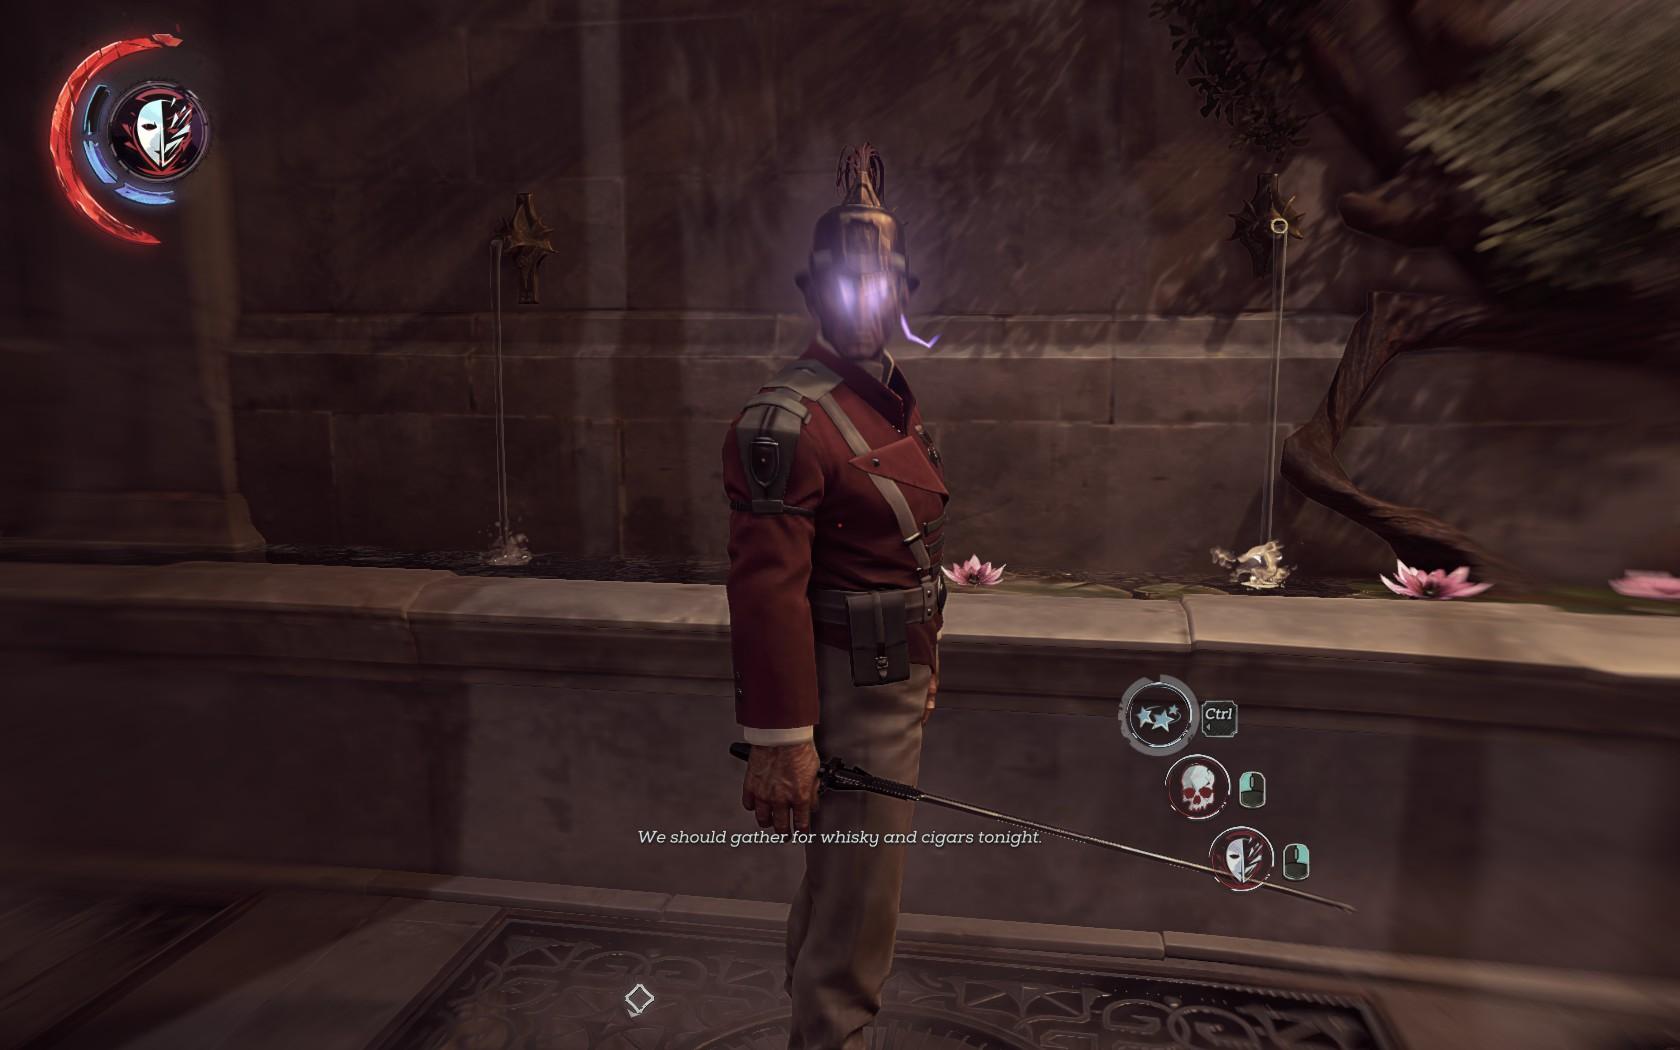 Dishonored: Death of the Outsider - nový díl s novou hrdinkou 150005